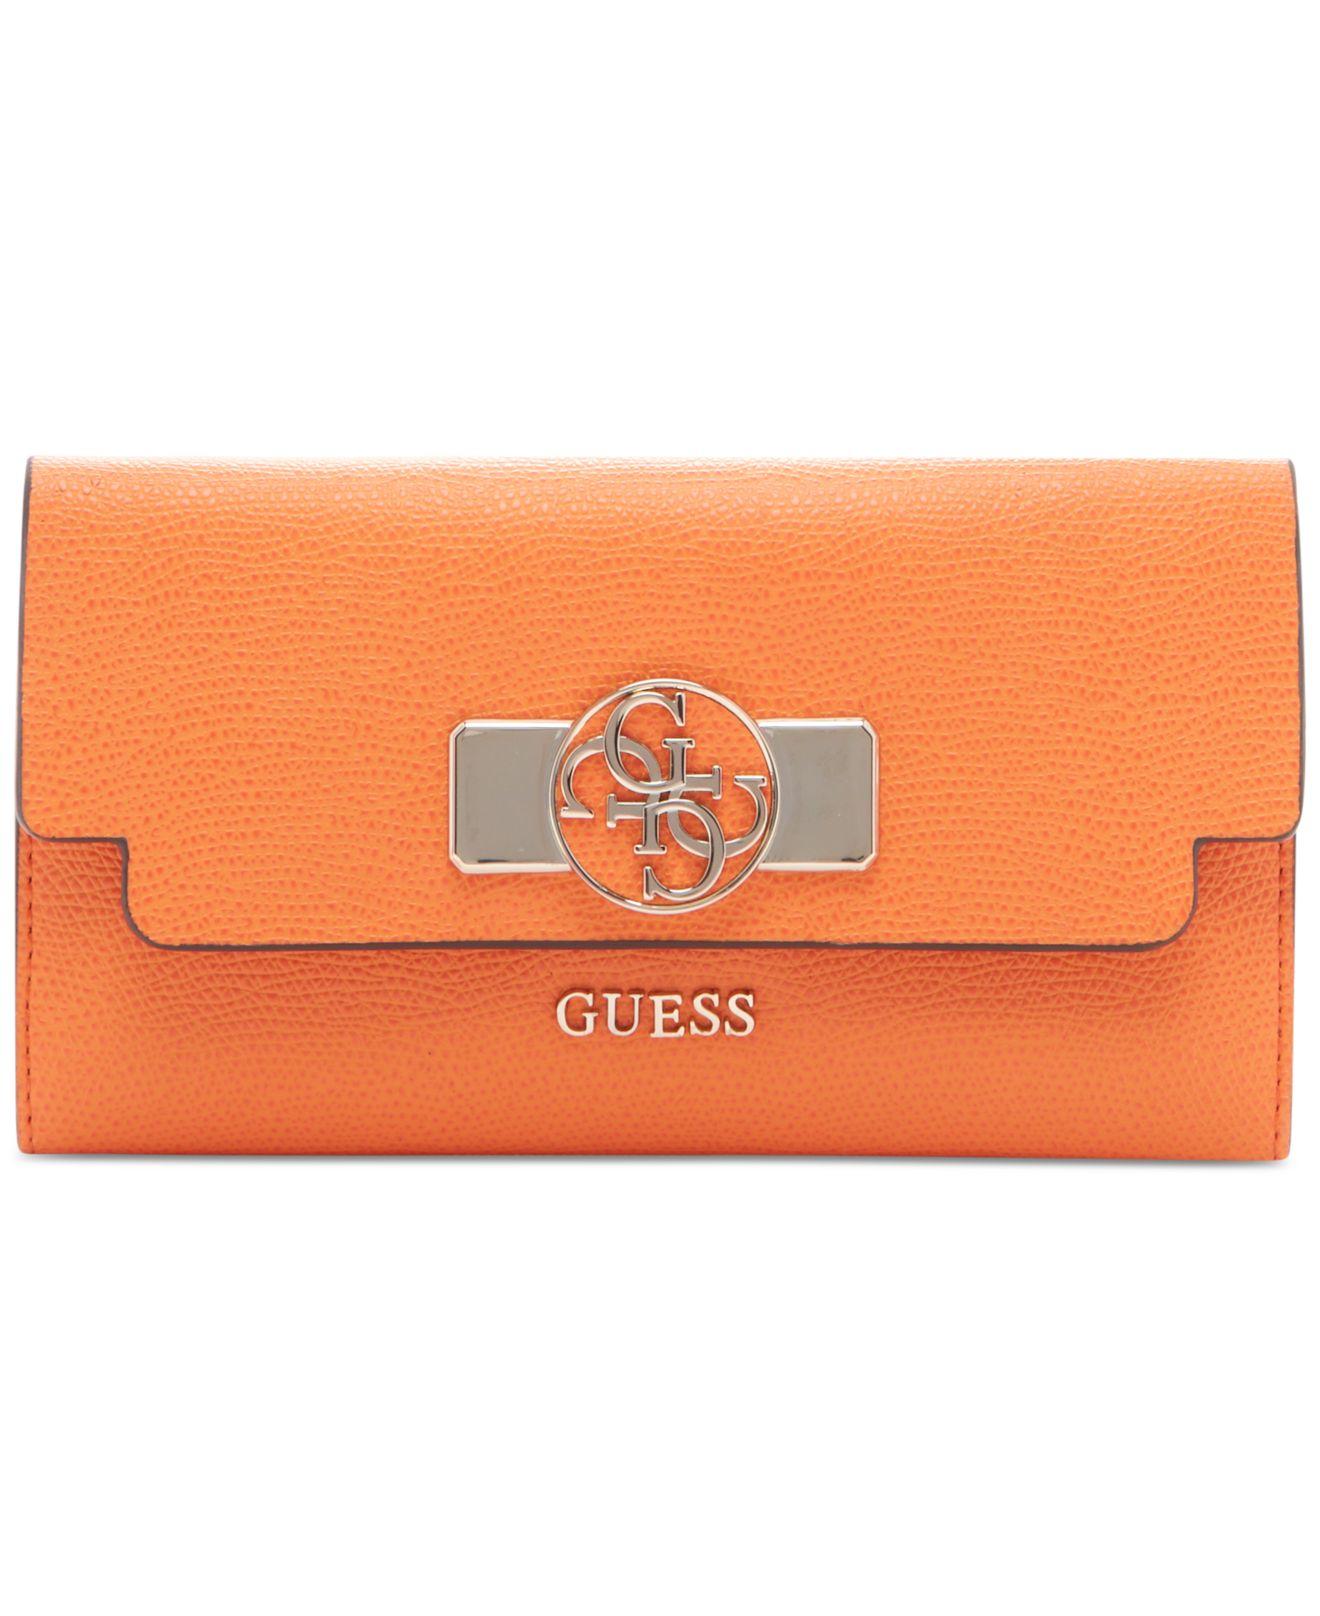 Lyst - Guess Cynthia Slim Clutch Wallet in Orange 2020edfb5f73f